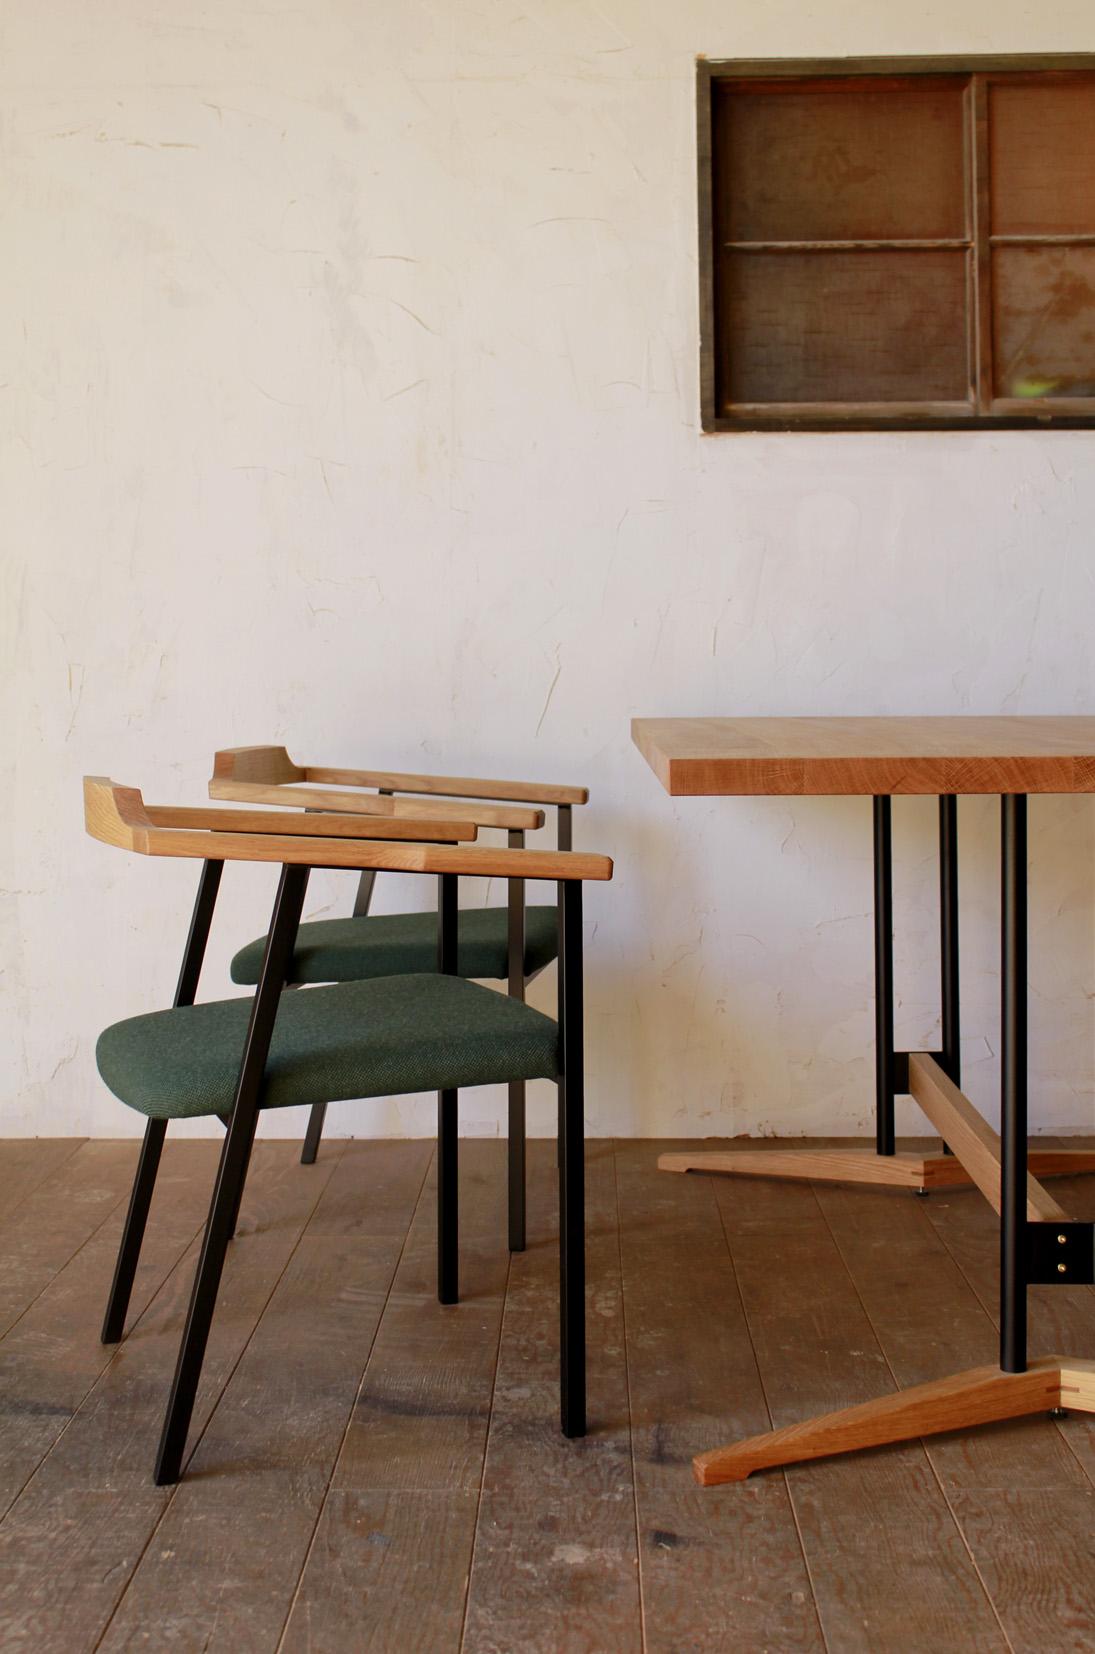 福井建設 | ダイニングテーブル | ダイニングセット | アームチェア | 山形・仙台を中心にオリジナル家具・オーダー家具、インテリアのデザイン・製作・納品をおこなっています。おしゃれ。